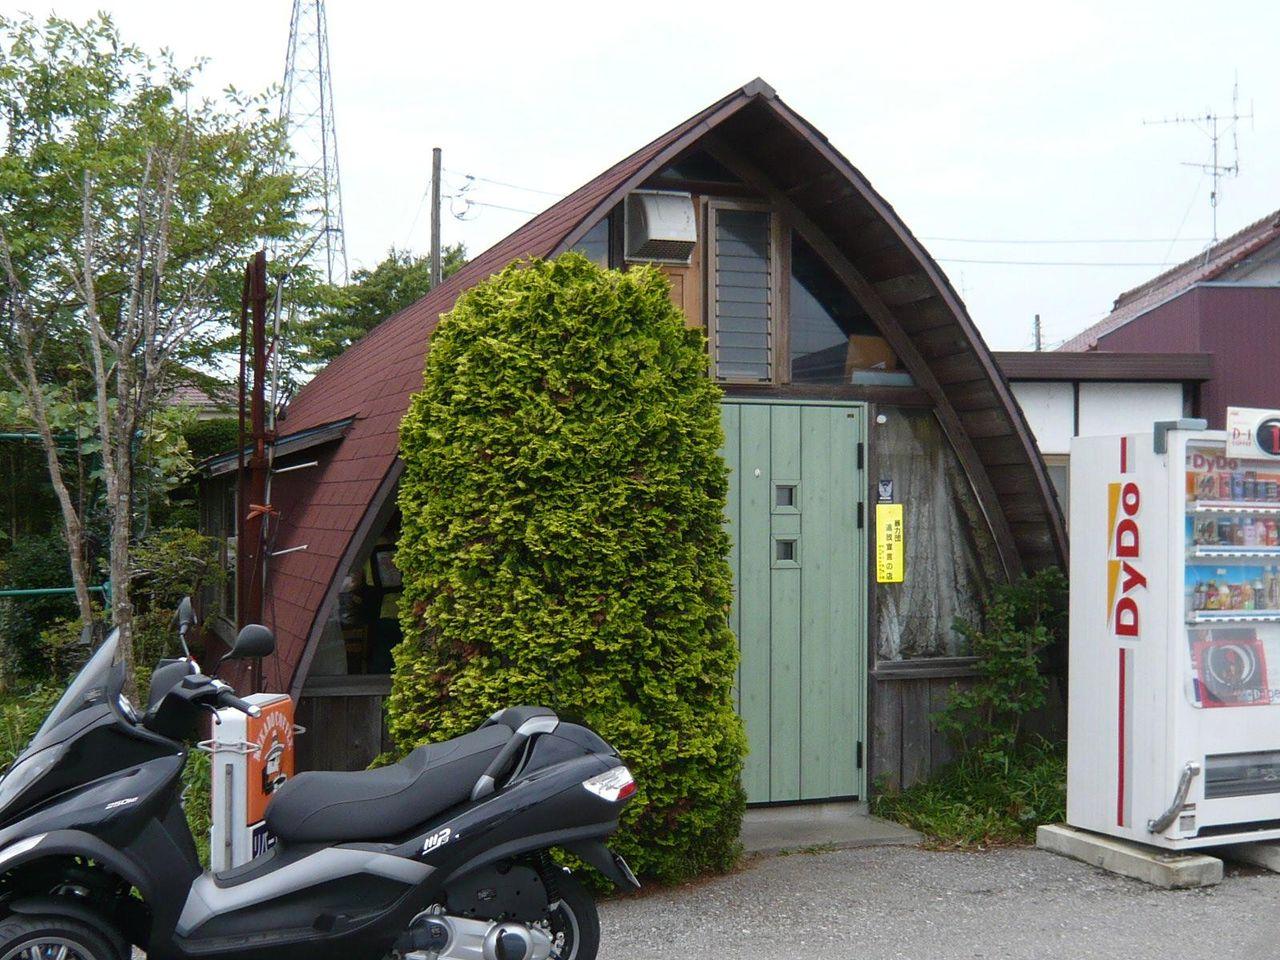 ログハウス風の三角屋根が目印です。